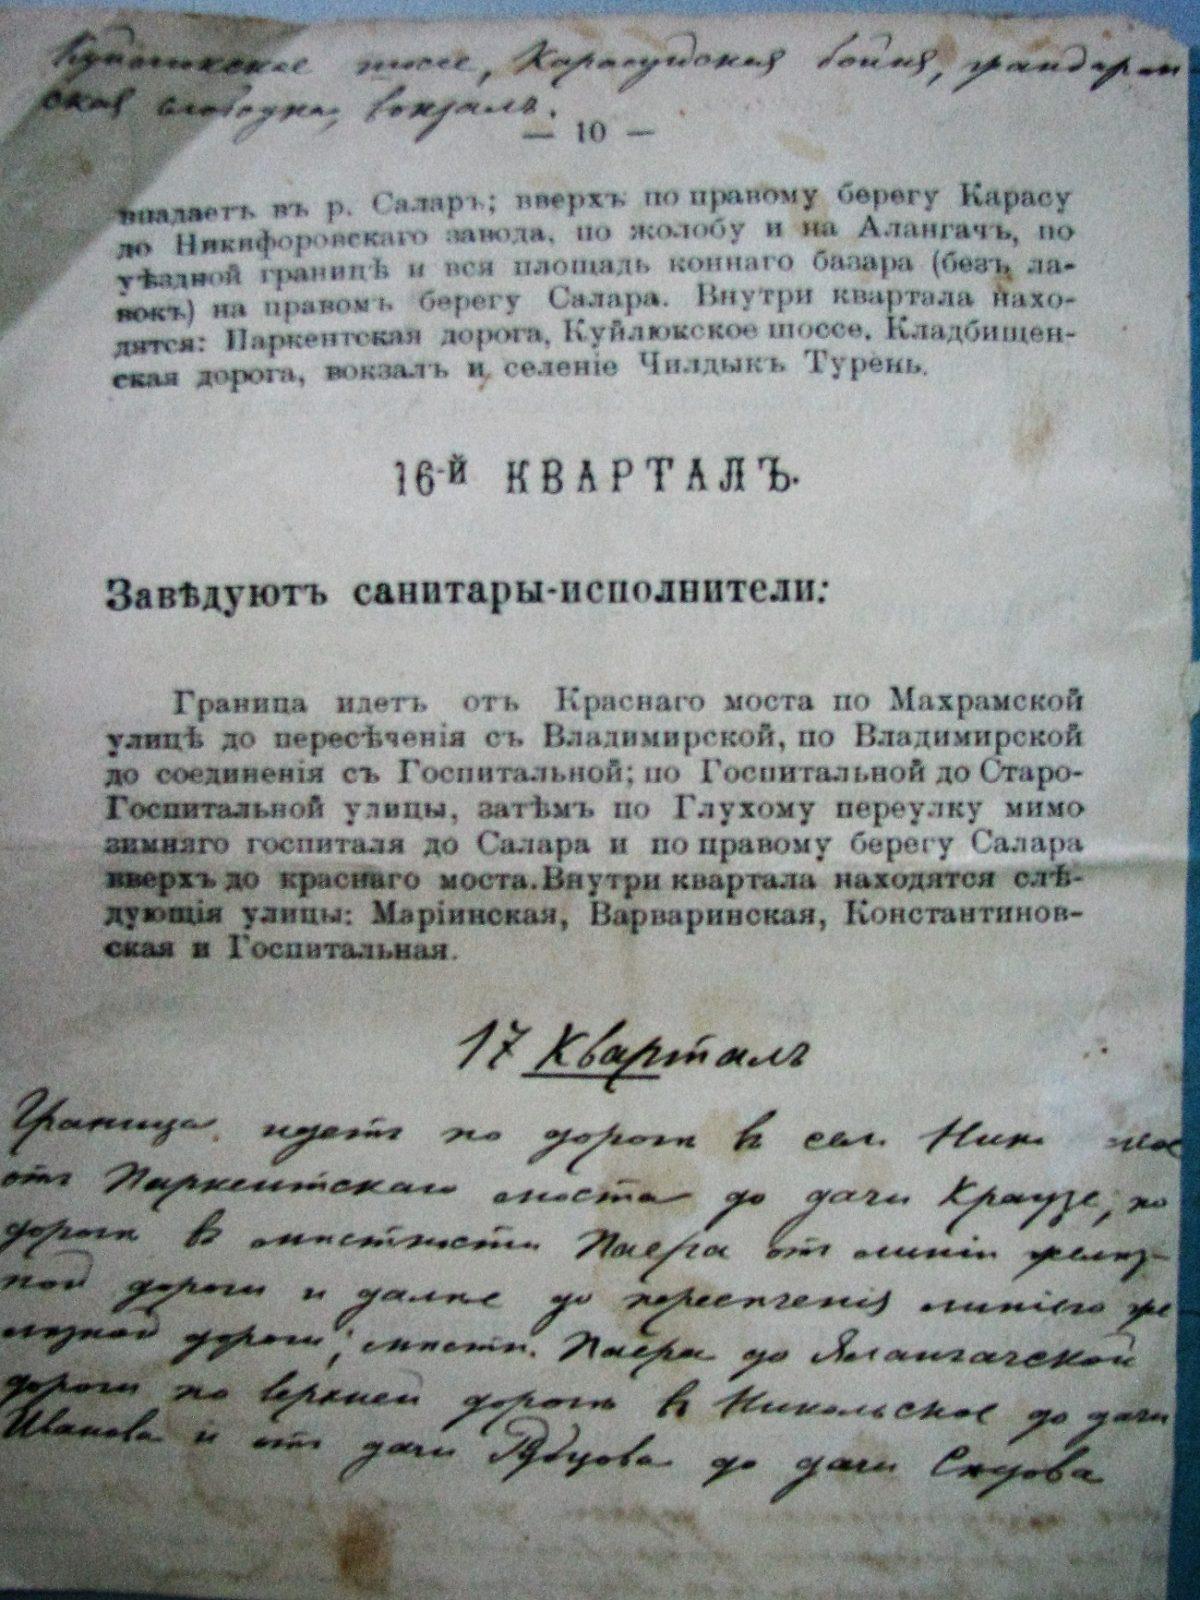 Ташкент_shosh (9)